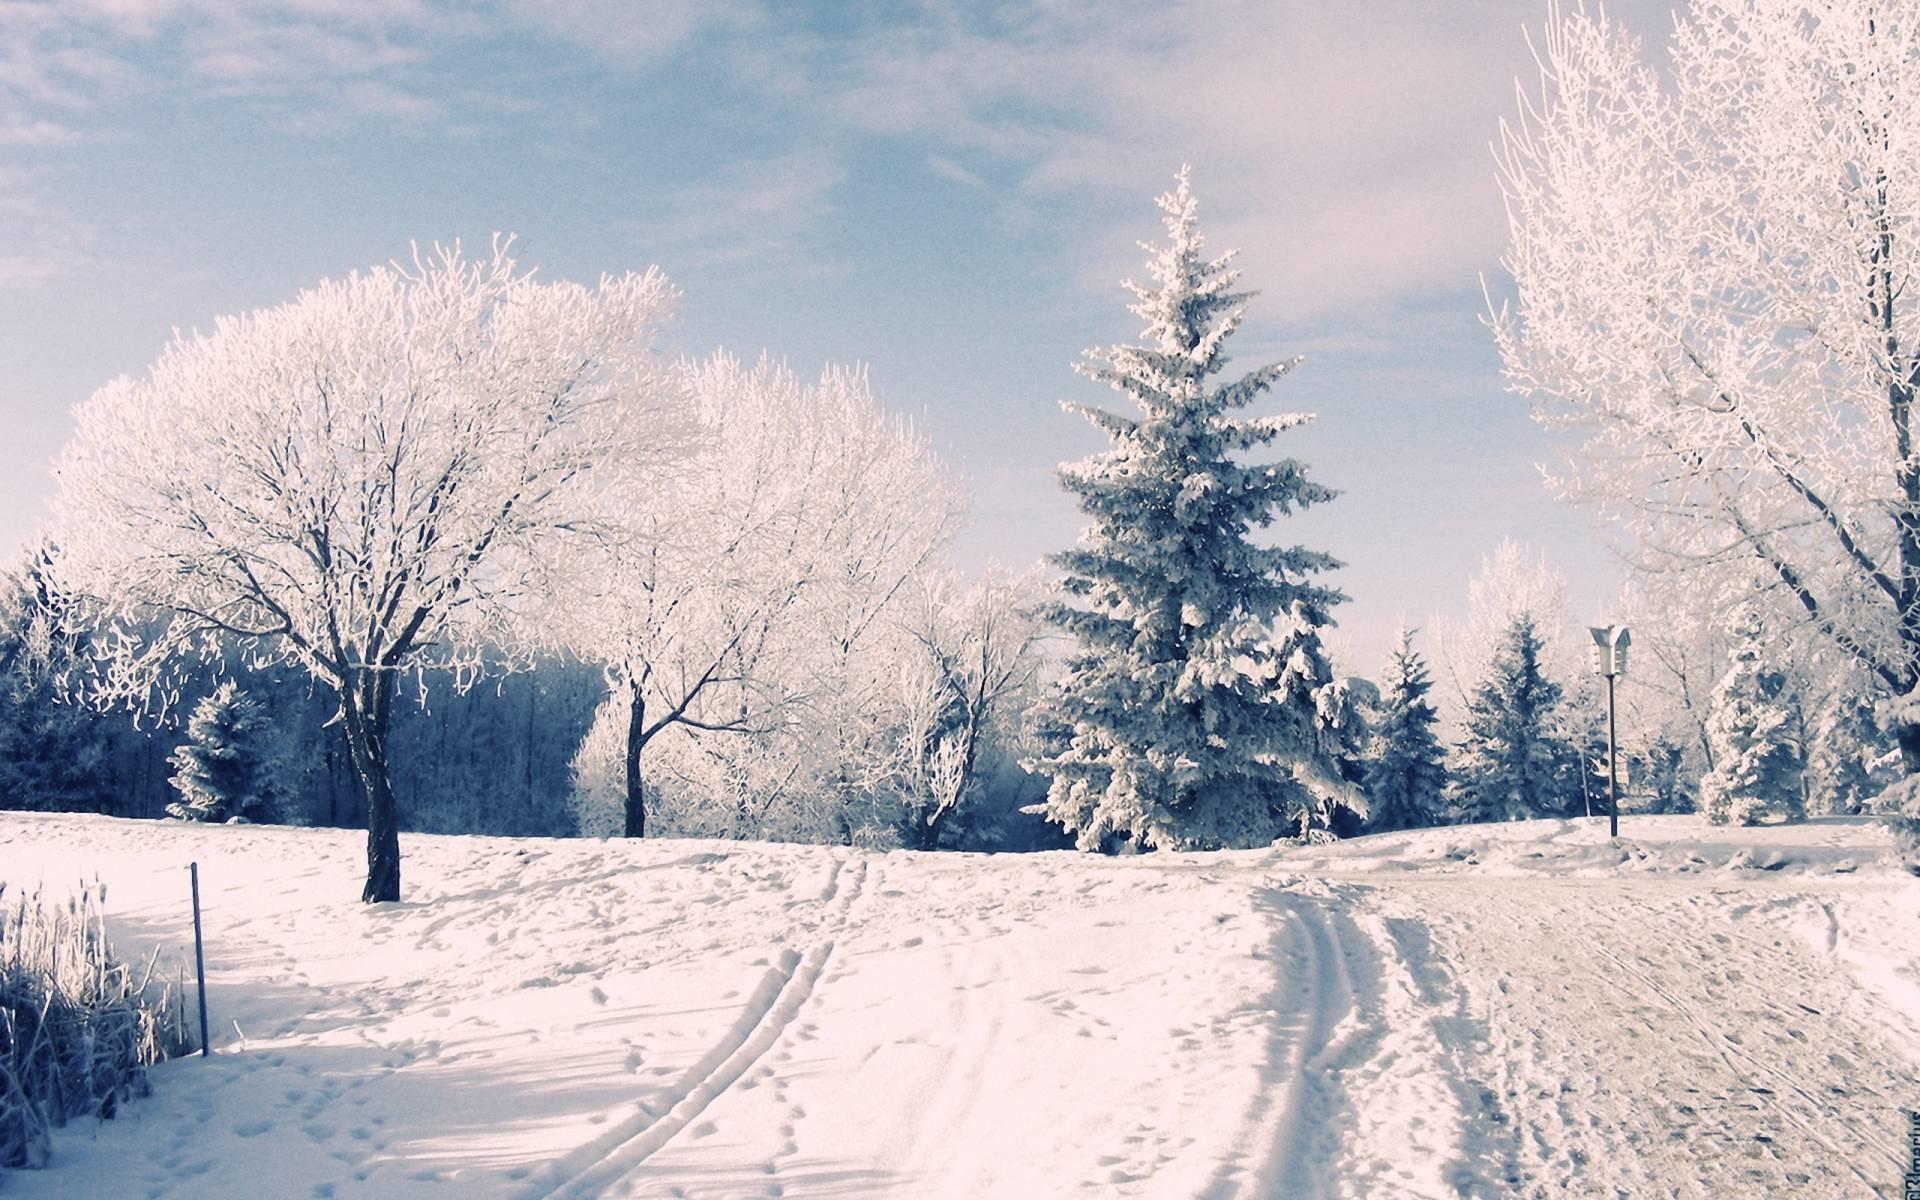 Winter Wonderland Background